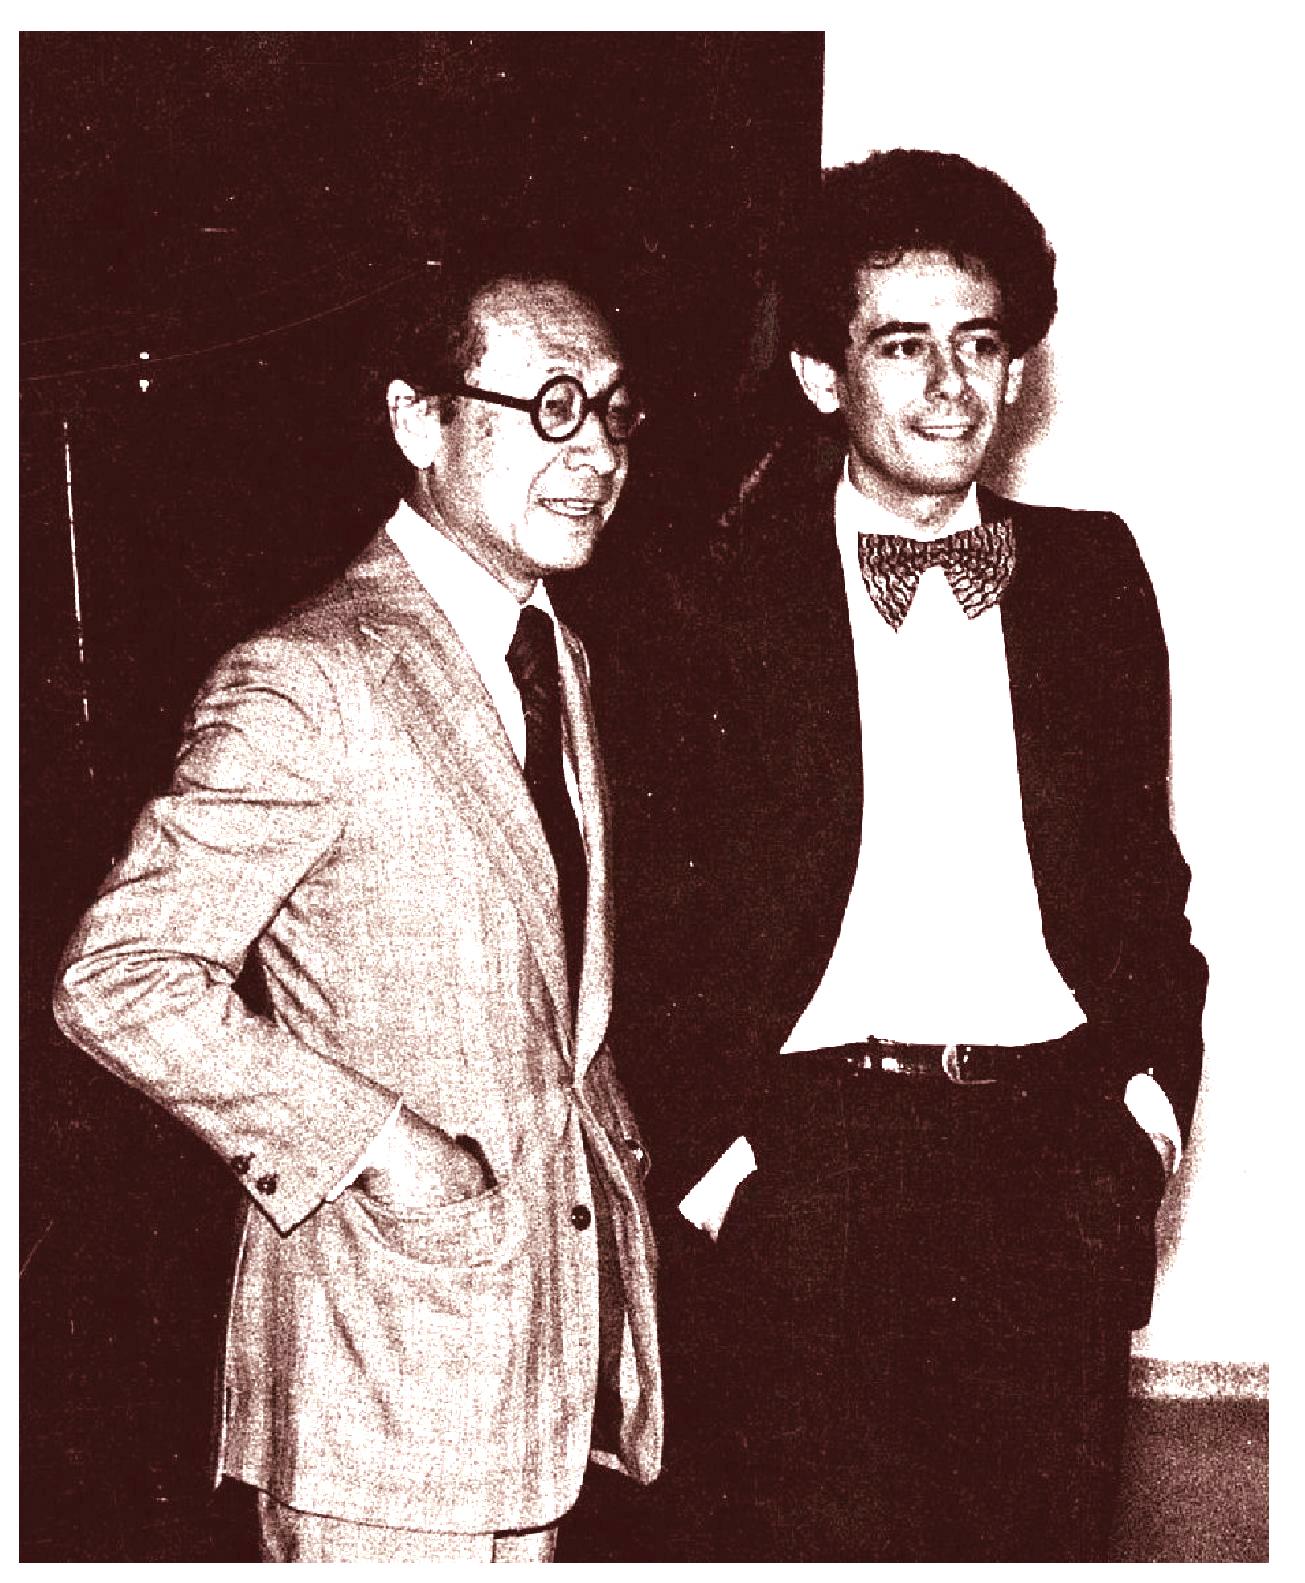 Cu marele arhitect american de origine chineză I.M.Pei la expoziția Damian organizată de Radu Varia la Muzeul Guggenheim din New York, 1976